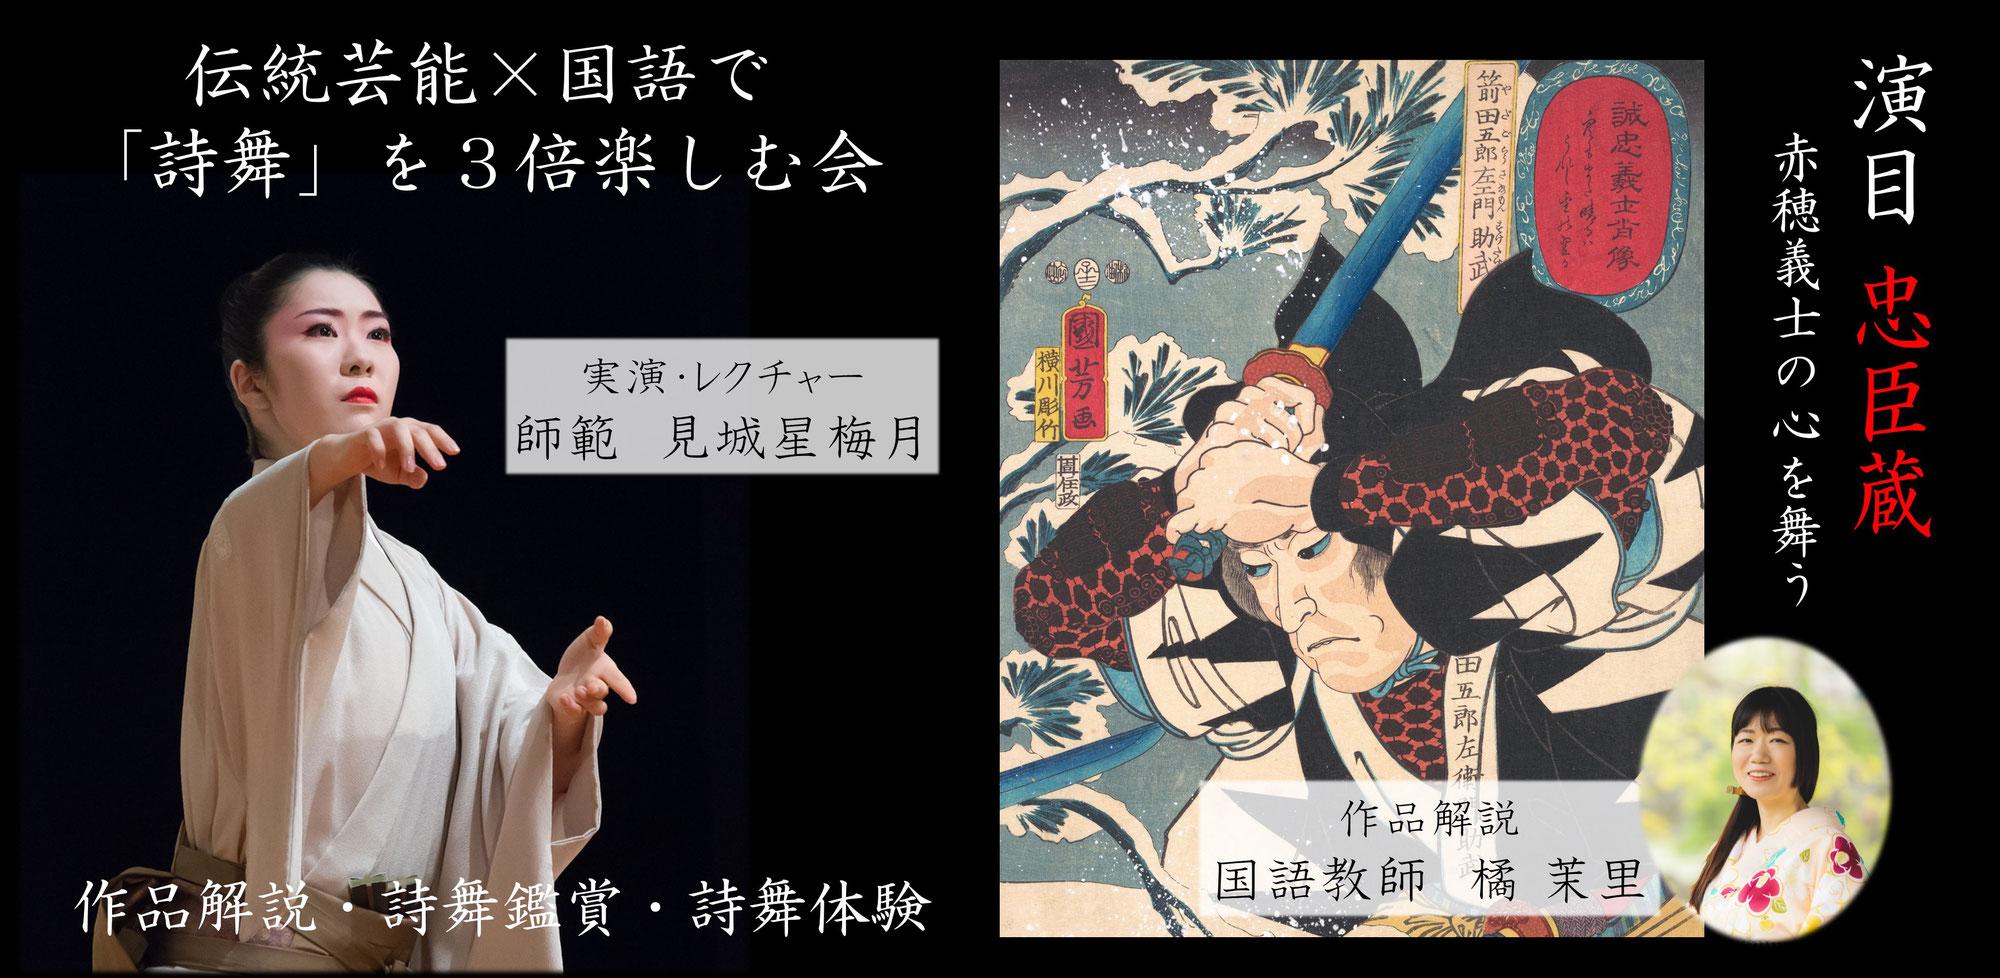 伝統芸能×国語で「詩舞」を3倍楽しむ会~演目・忠臣蔵~